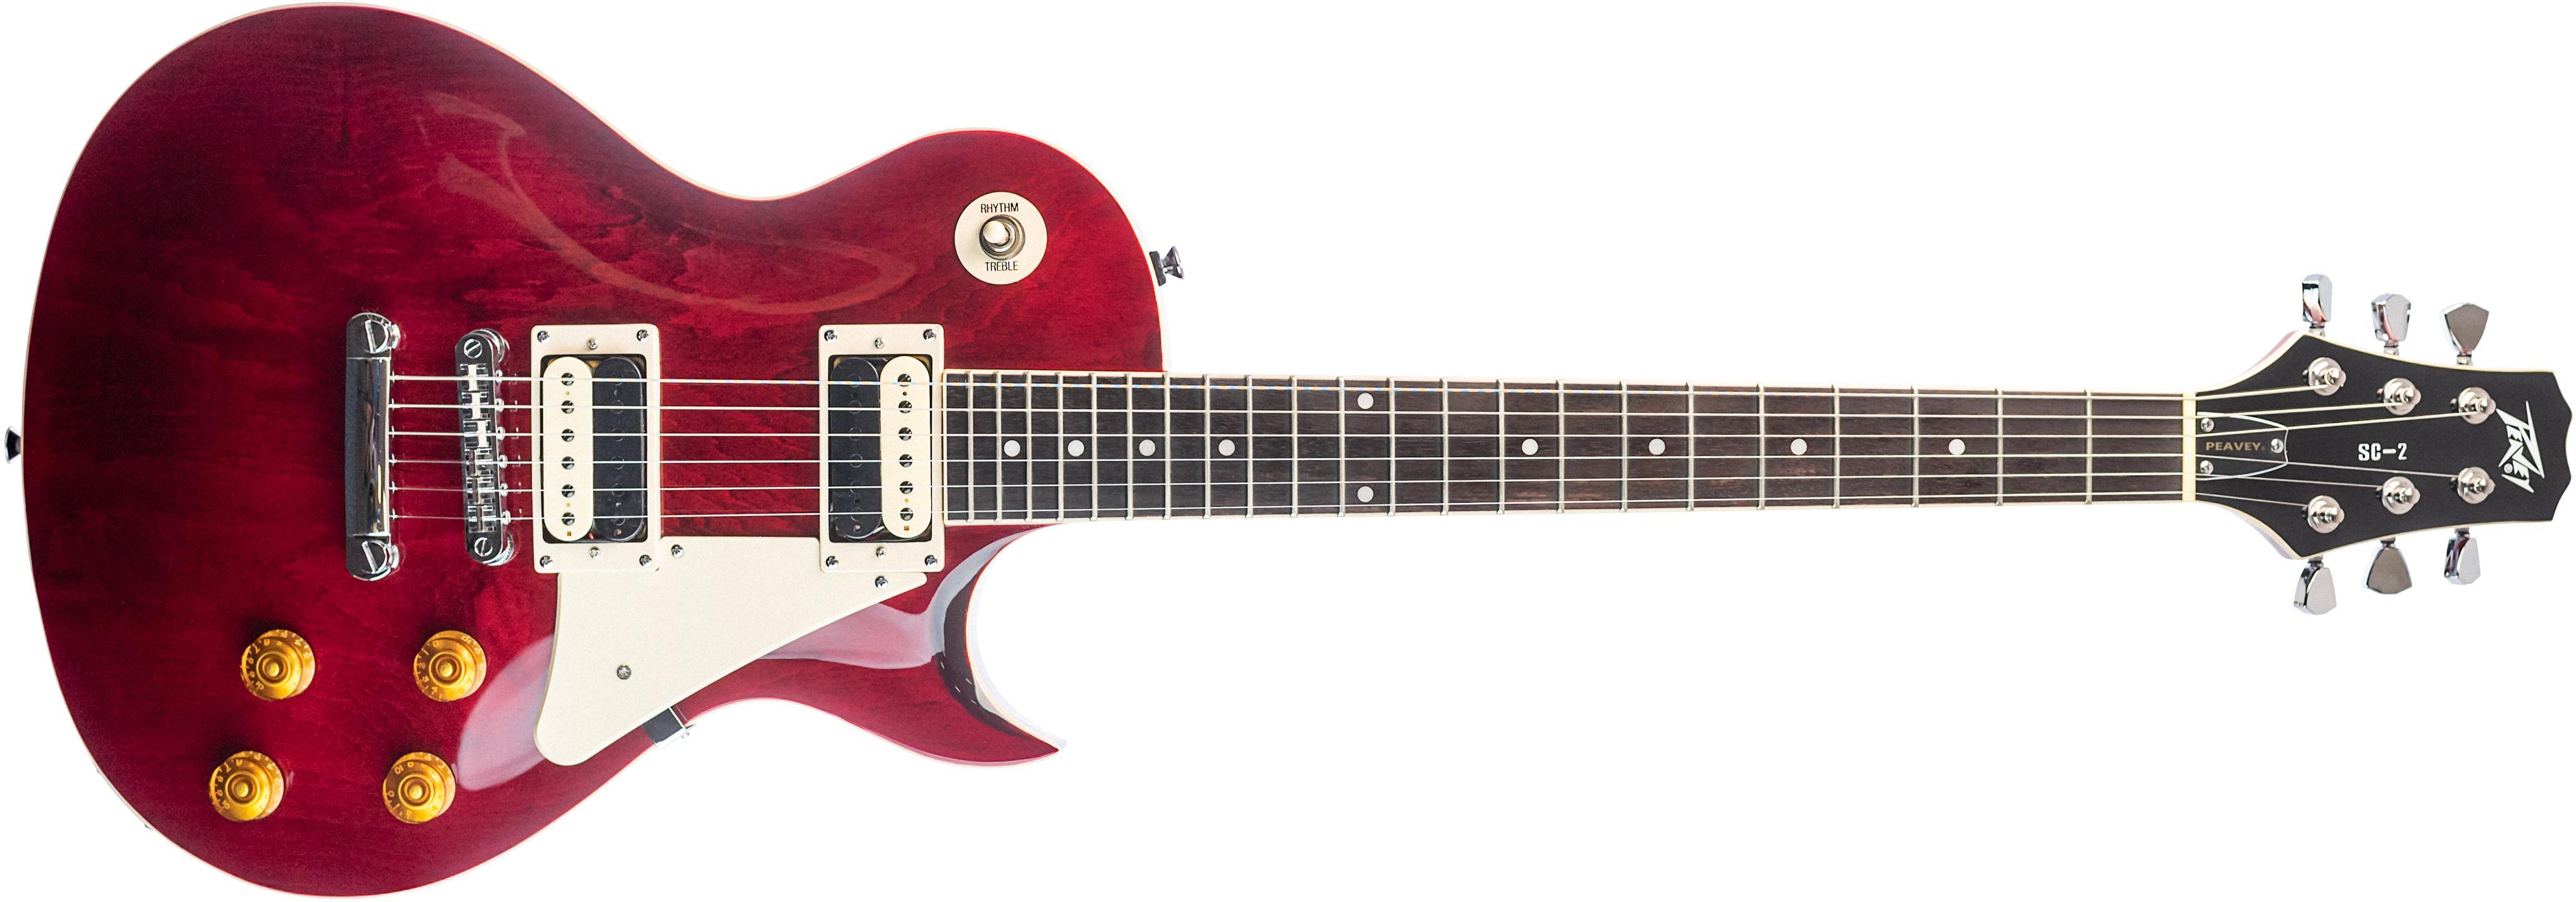 Dating Peavey gitarrer